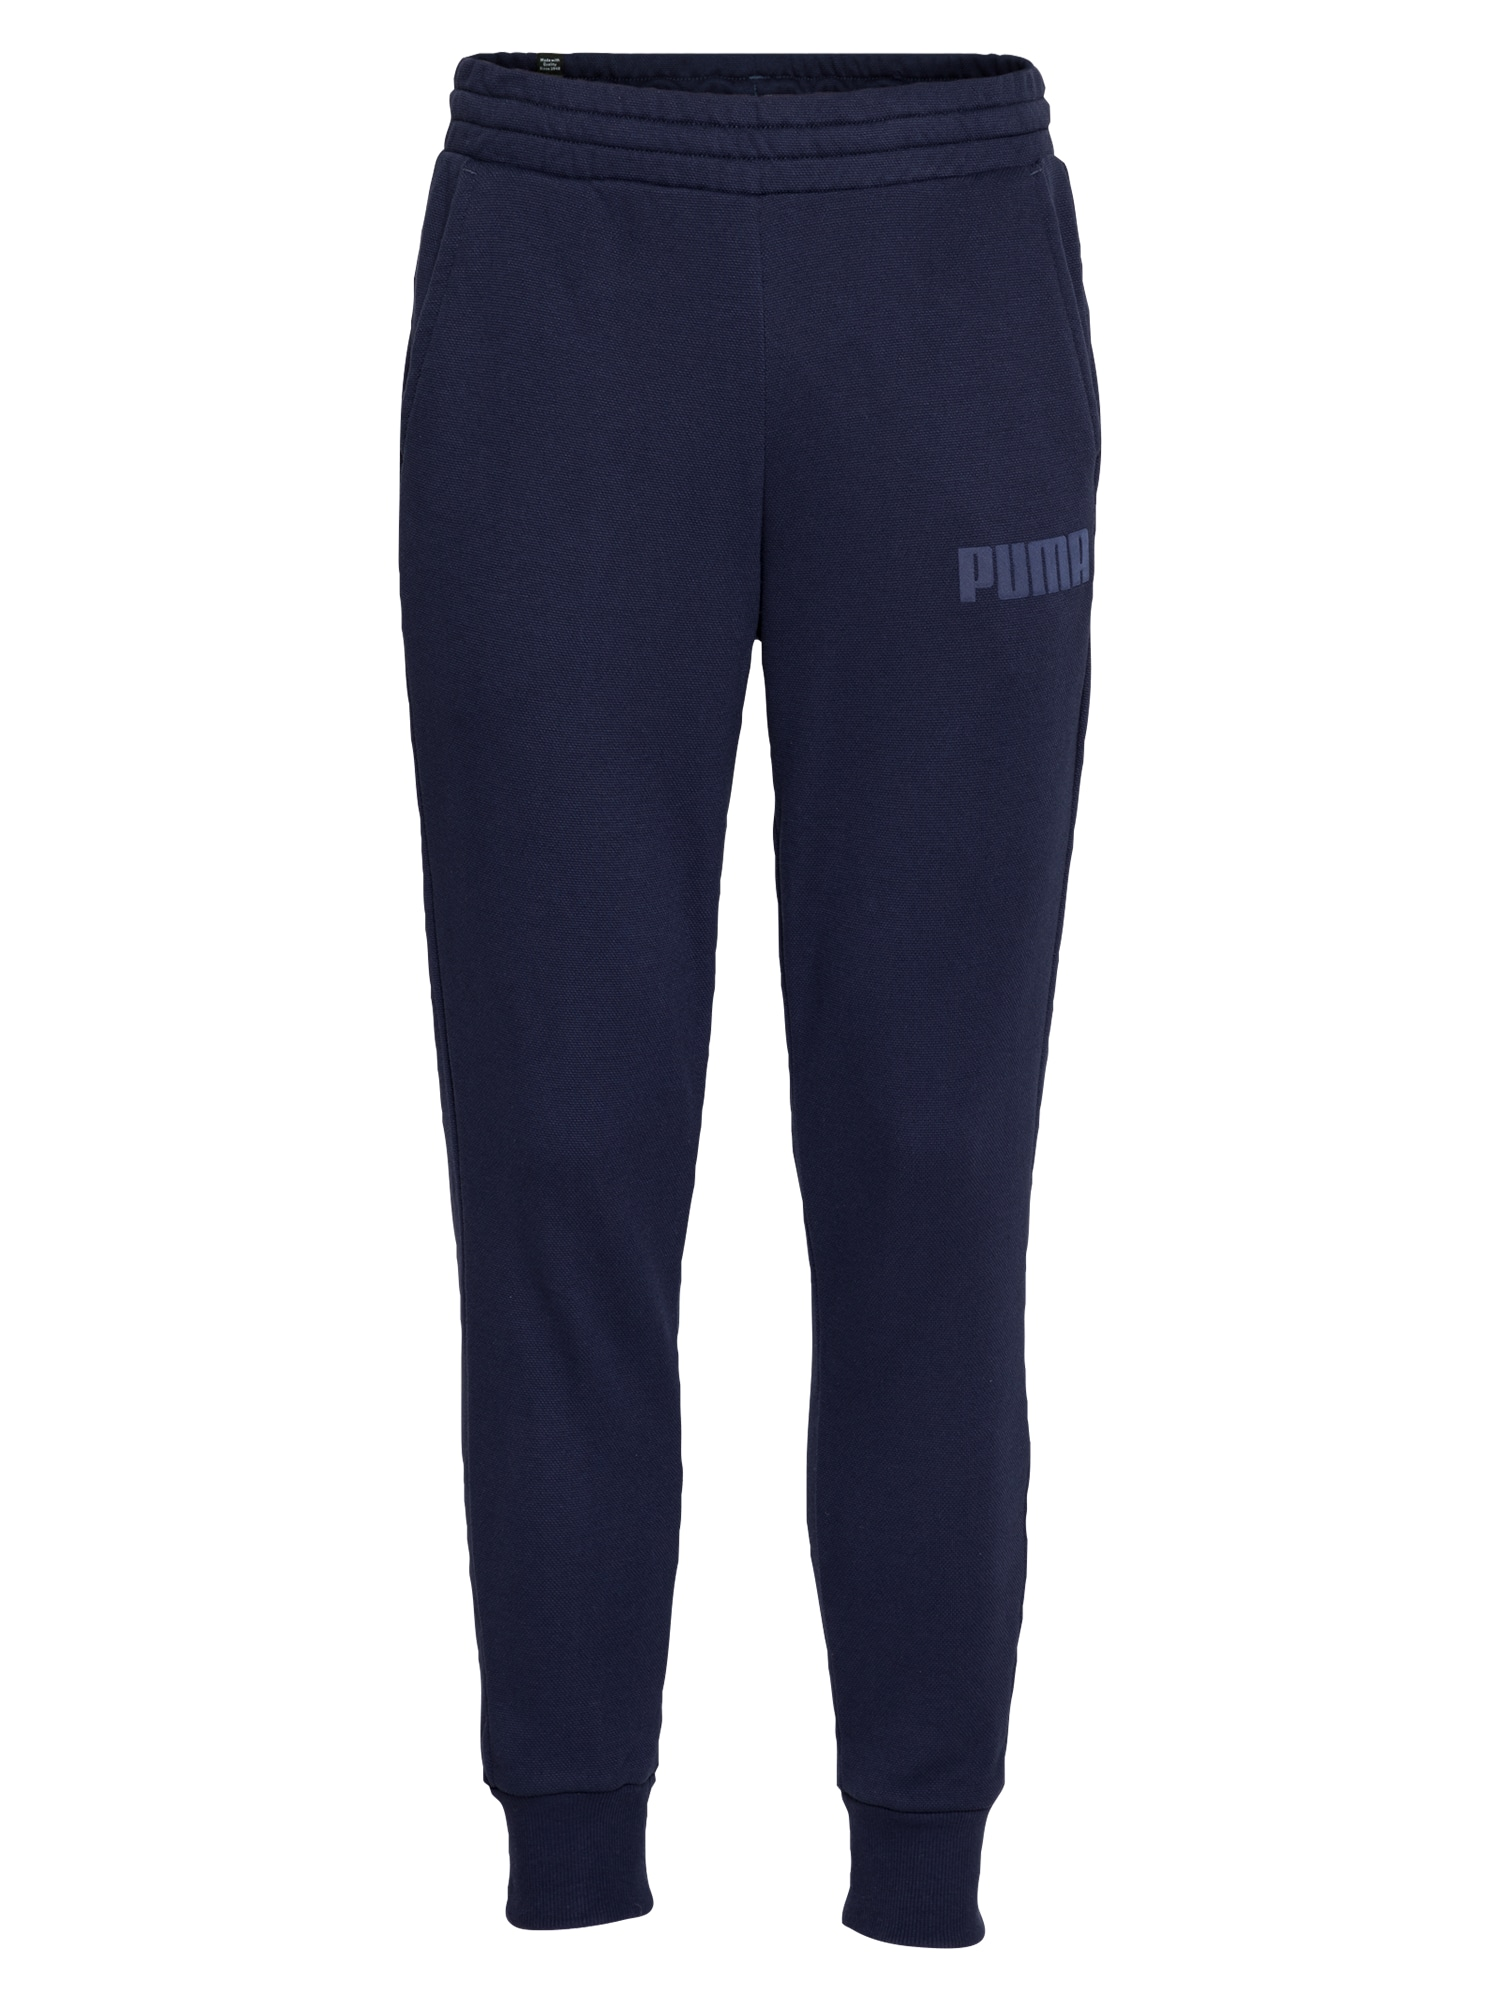 PUMA Sportinės kelnės tamsiai mėlyna jūros spalva